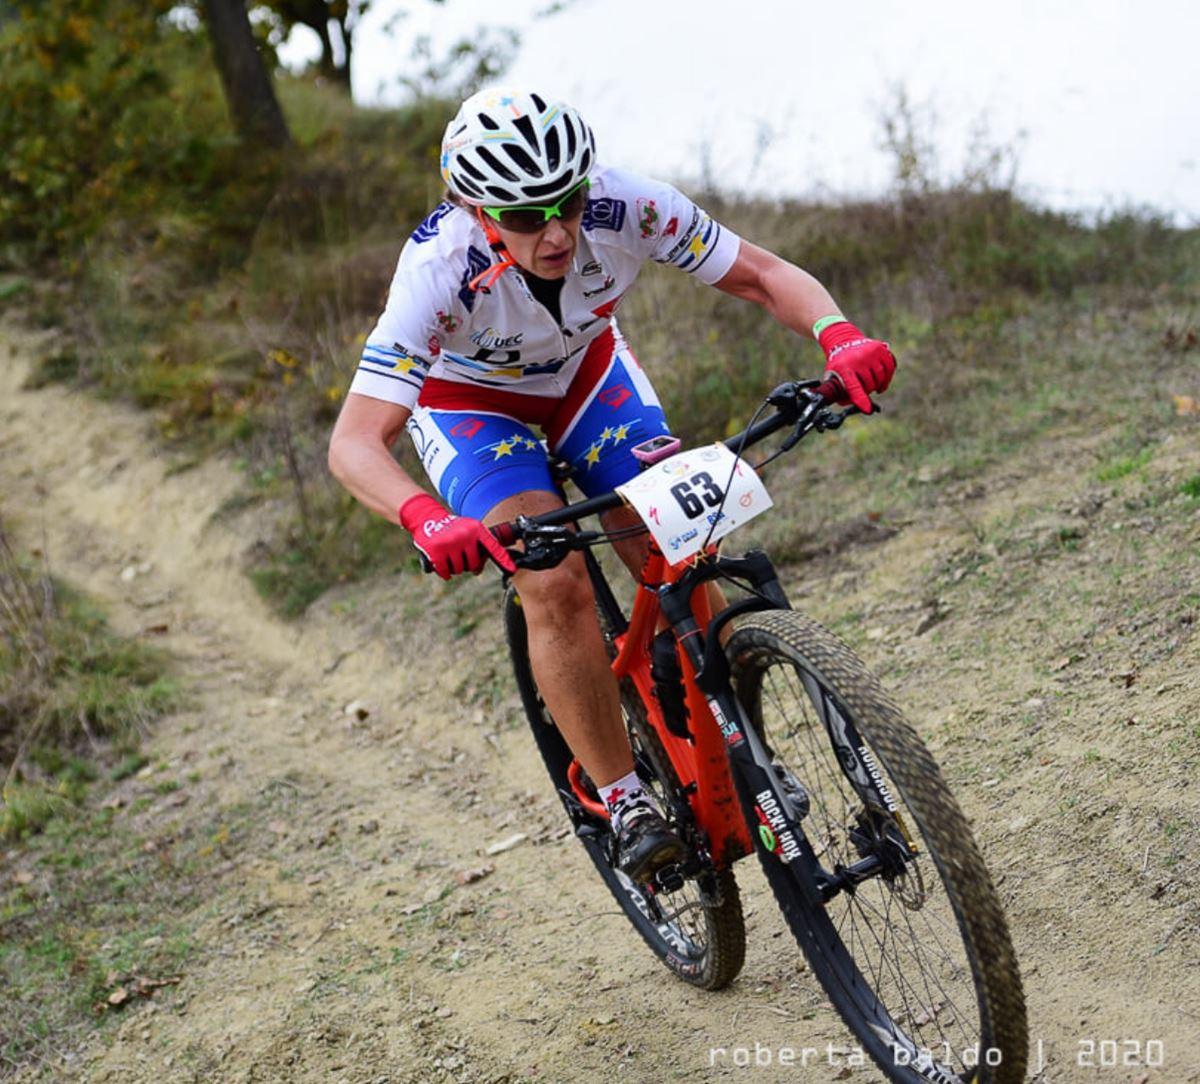 Karin Tosato conclude la stagione 2020 alla Pedalanghe, seconda tra le donne amatori